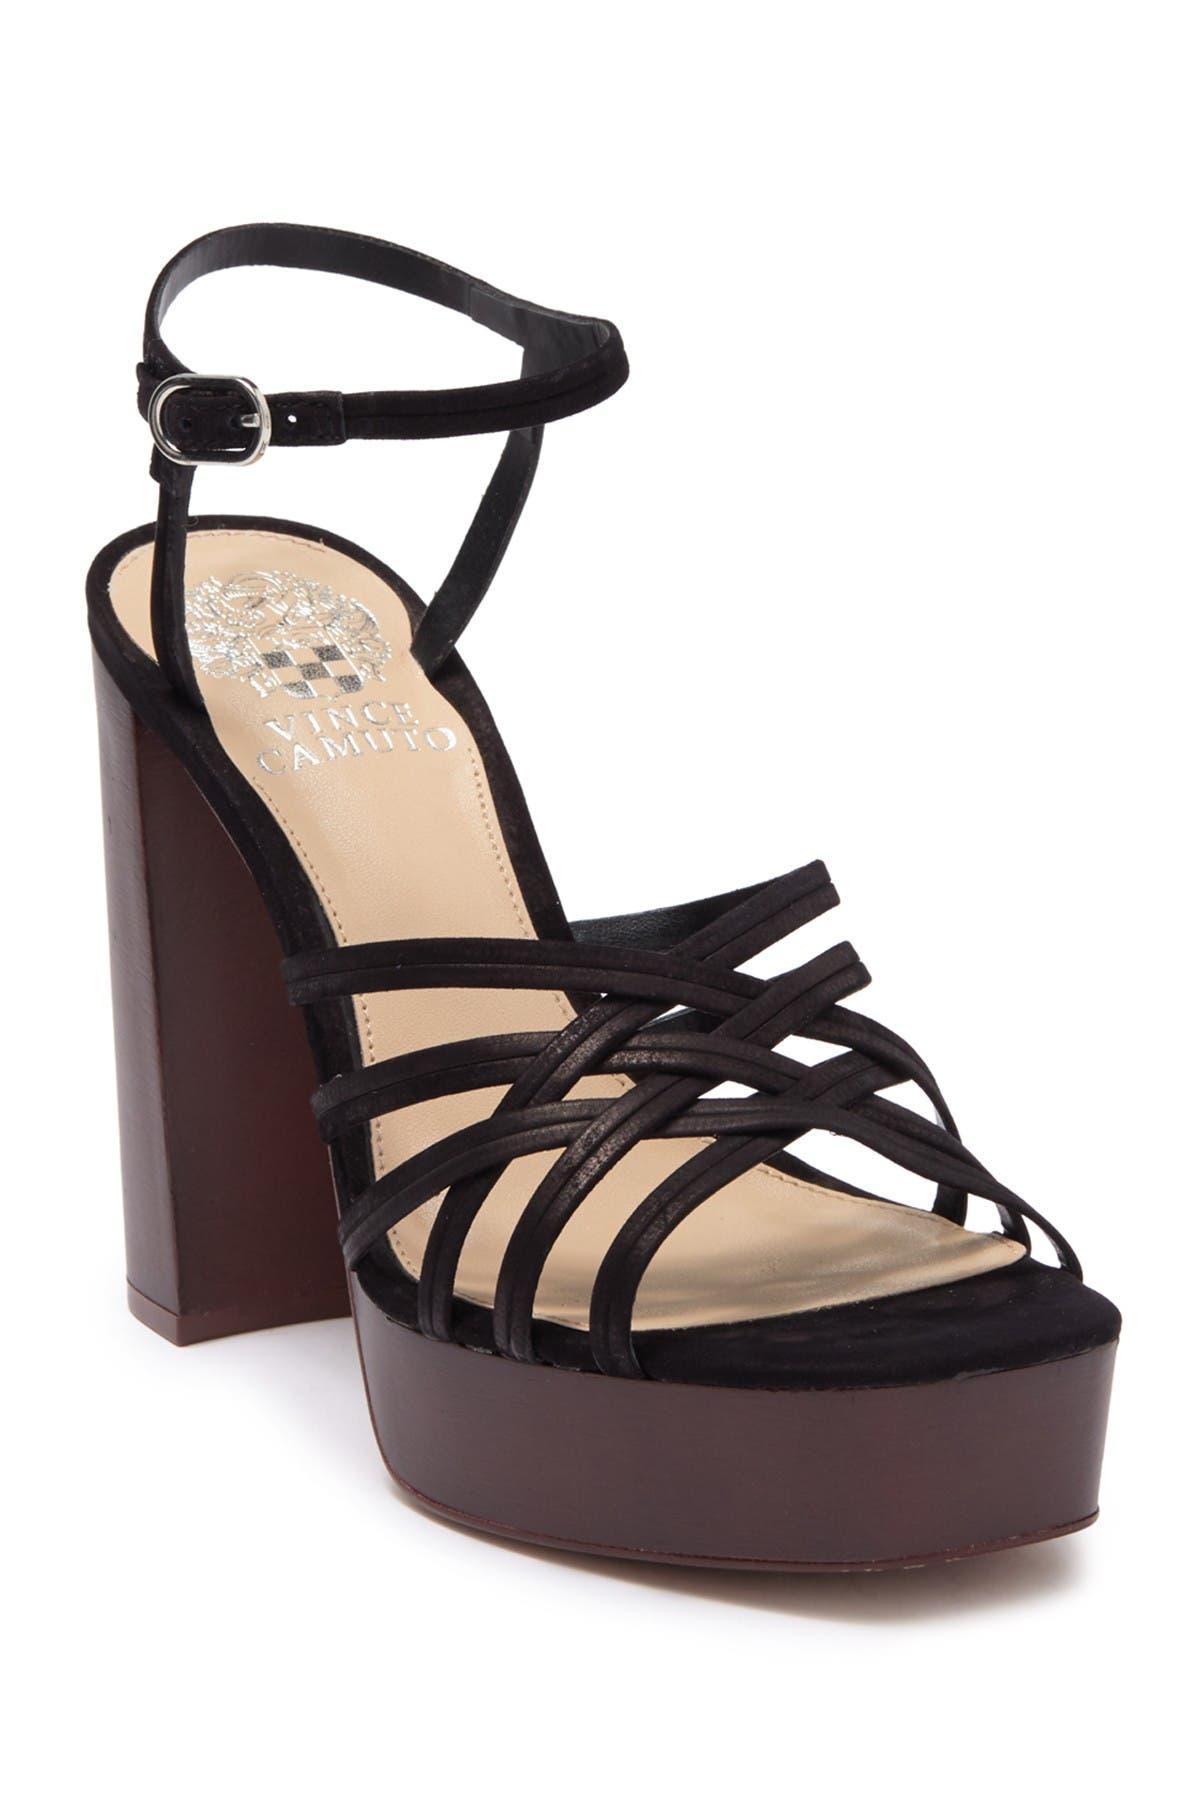 Image of Vince Camuto Larriss Strappy Platform Heel Sandal